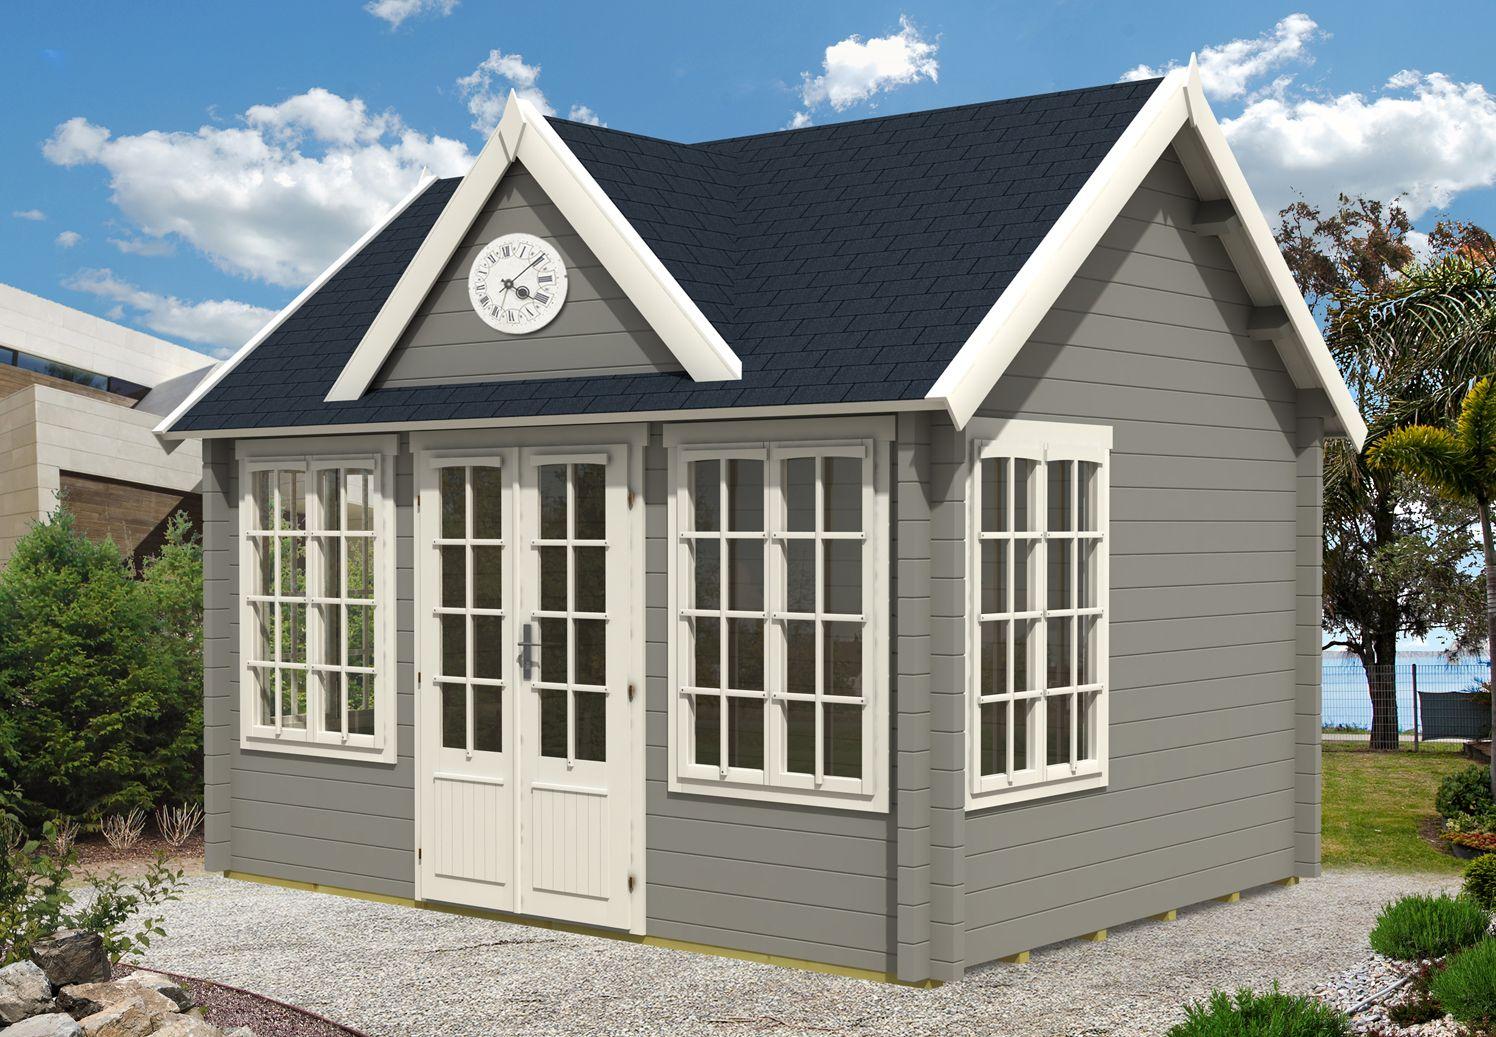 Die Gartenhaus Gmbh Ist Ihr Gunstiger Onlineshop Fur Haus Und Garten Gartenhaus Sauna Carport Co 0 Versand Je Gartenhaus Haus Gartenhaus Kaufen